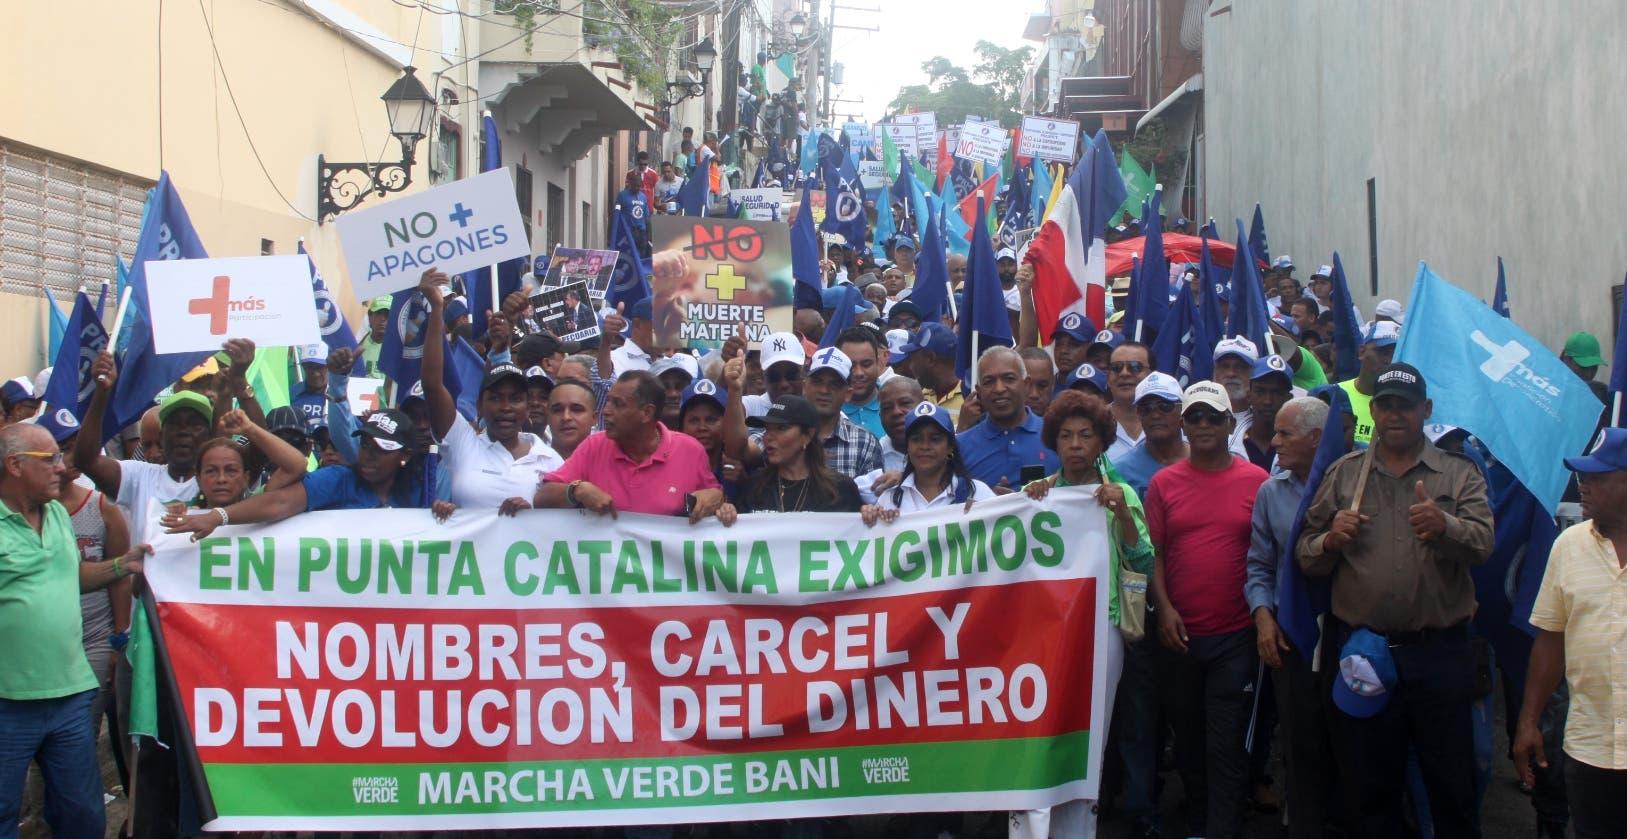 Militantes del PRM representaron la mayoría  entre los miles de  participantes en la marcha. José de León